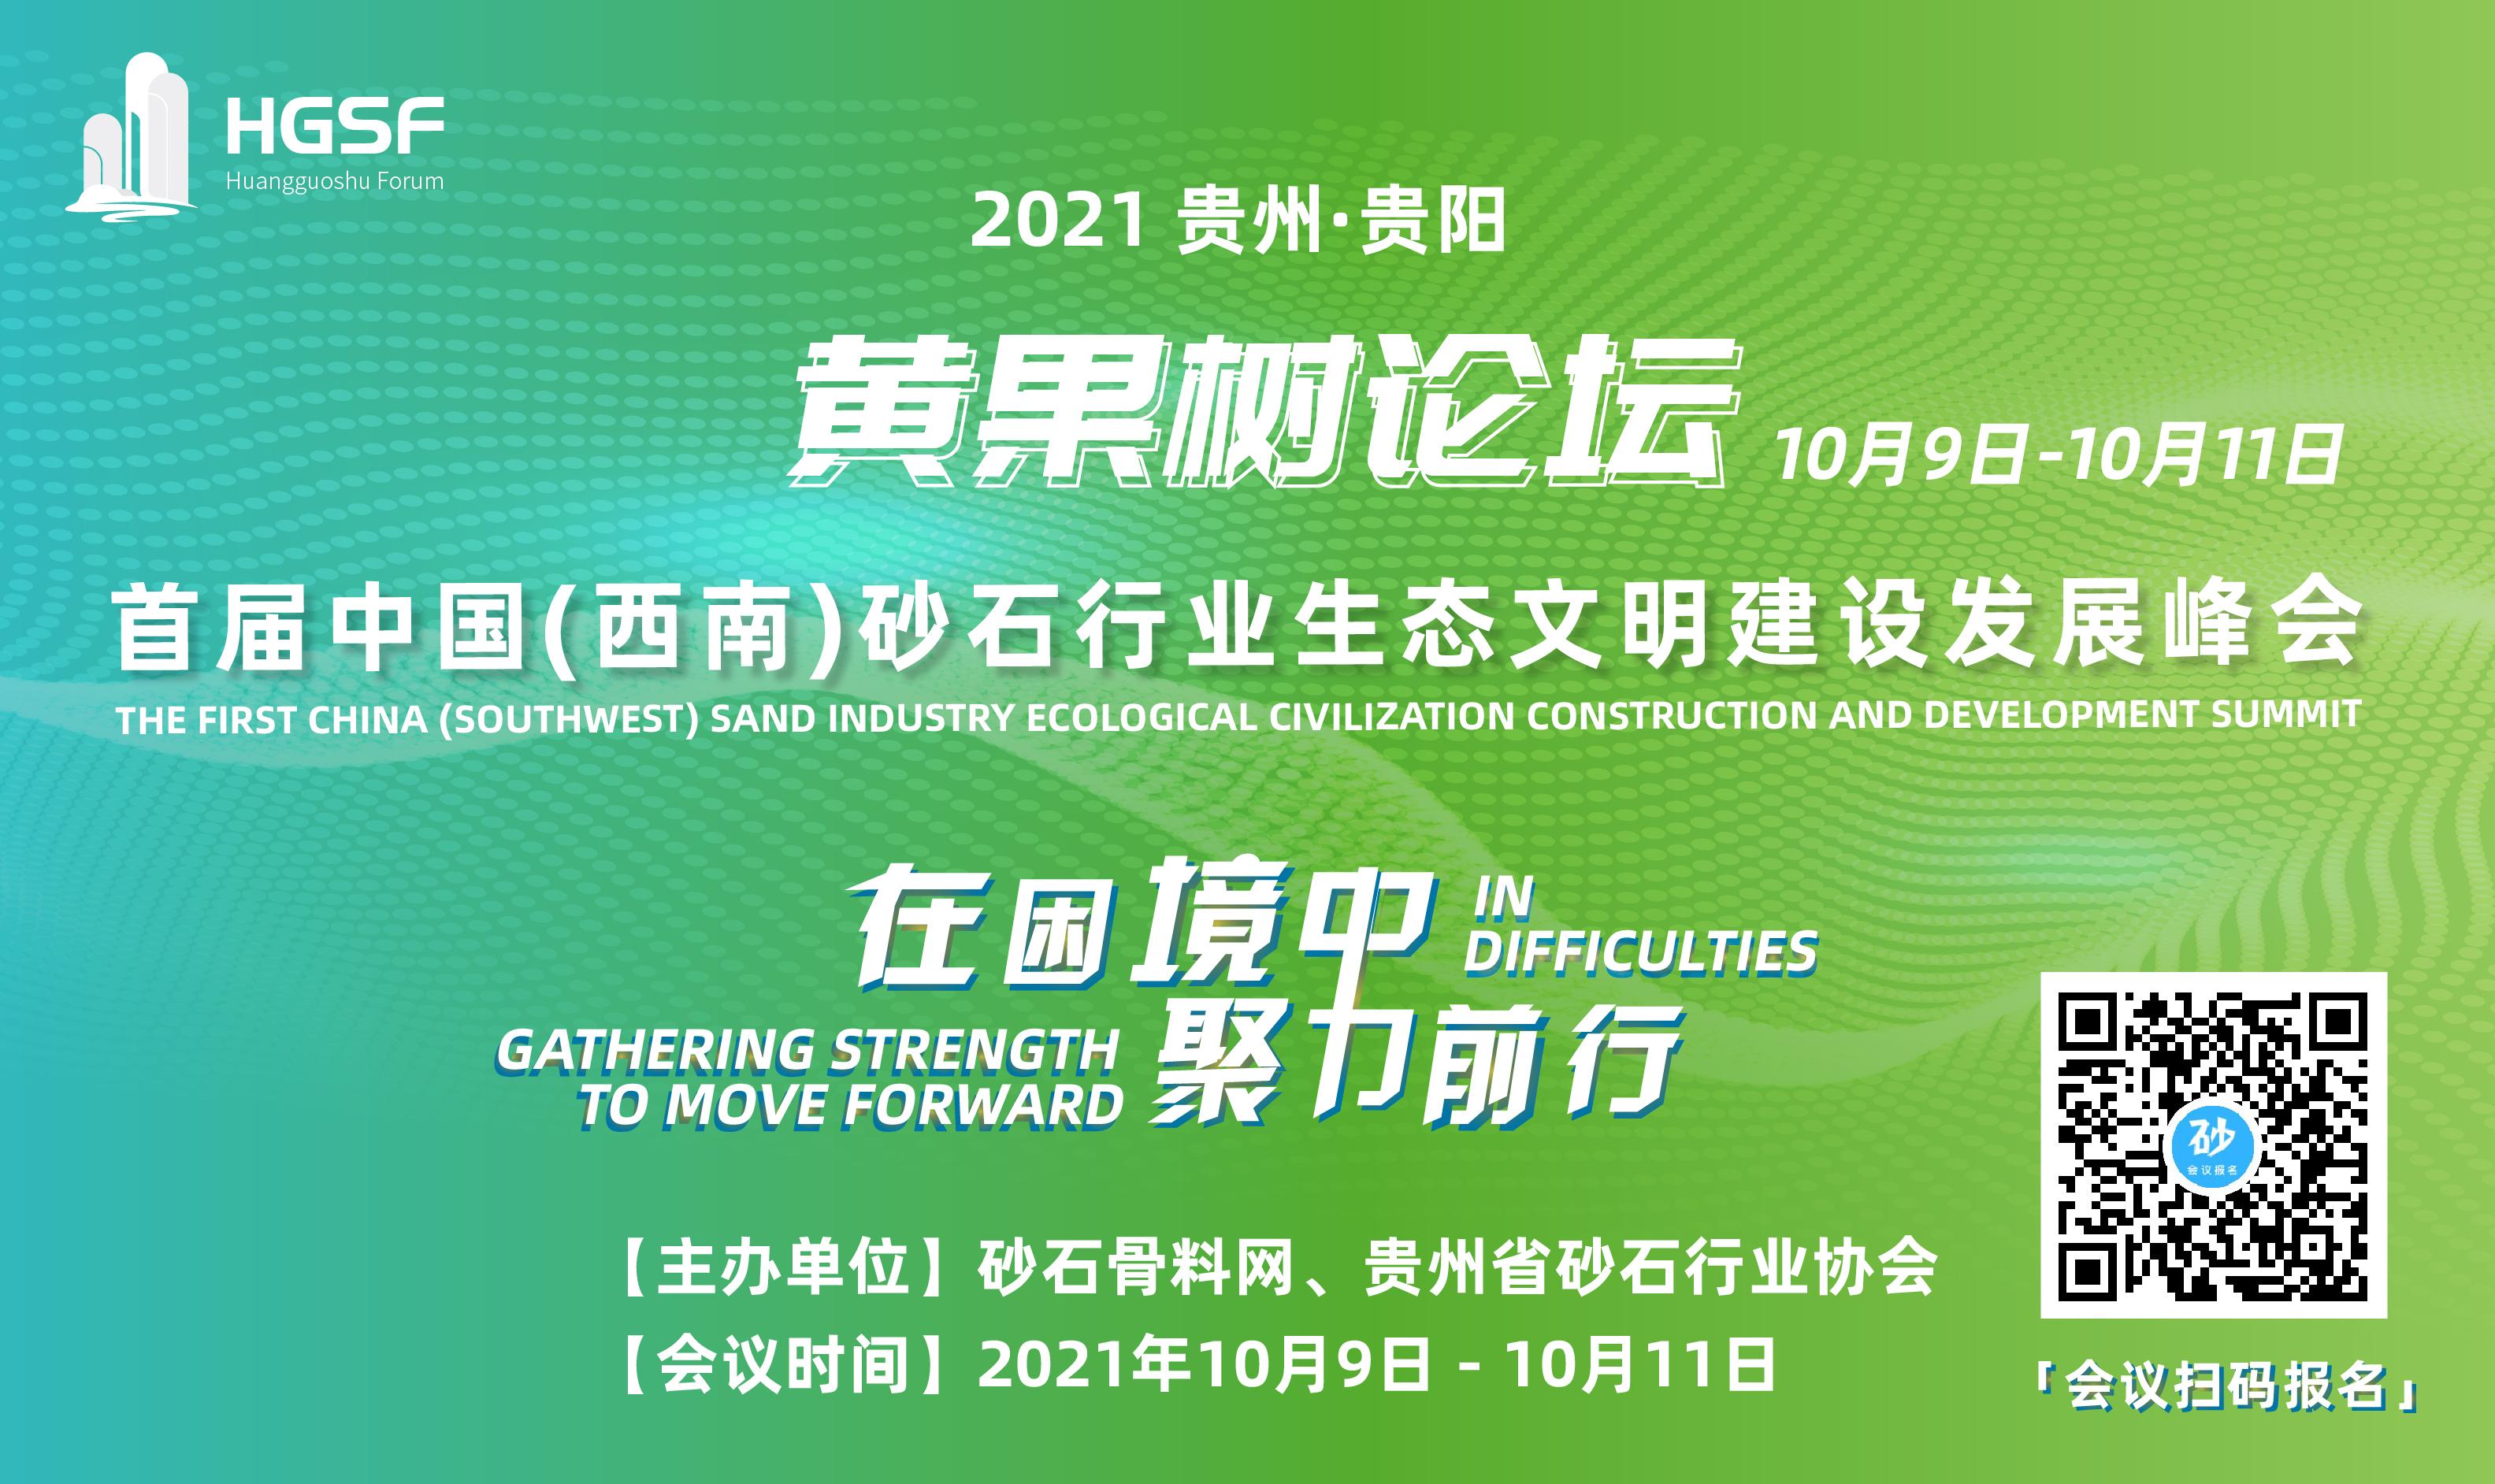 关于召开首届中国(西南)砂石行业生态文明建设发展峰会的通知